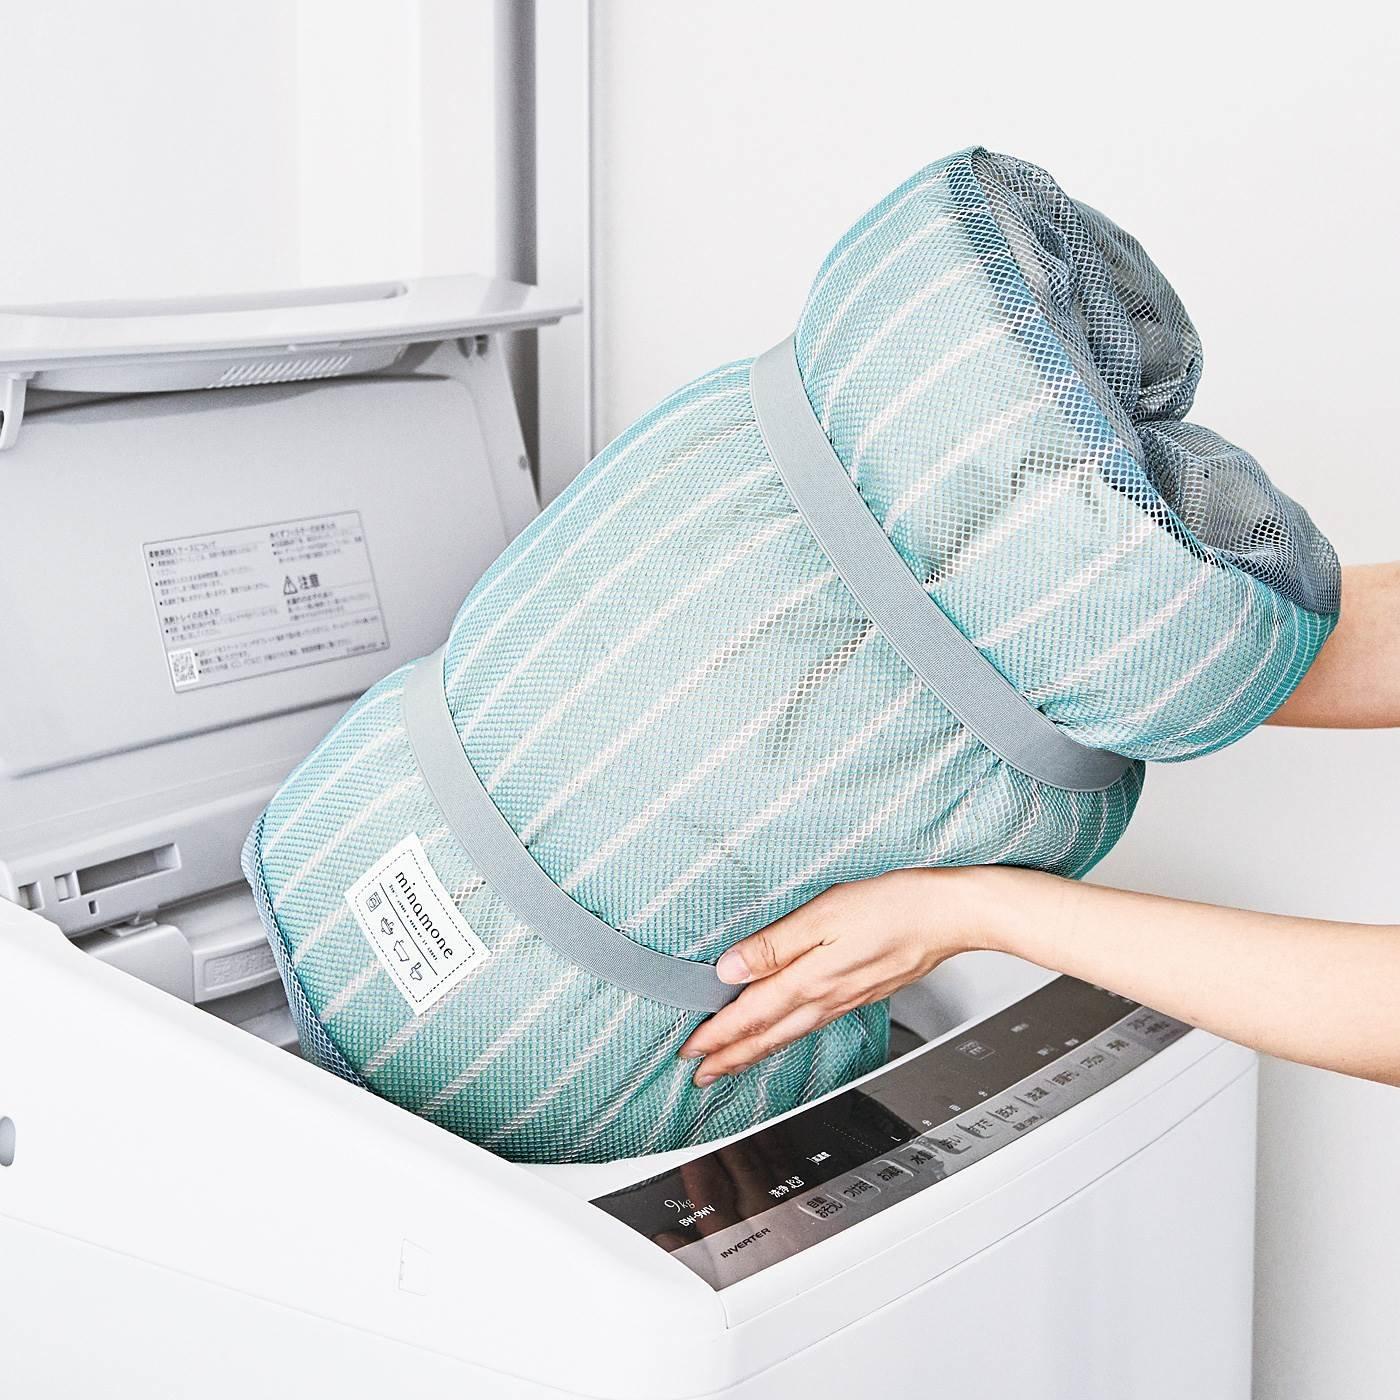 かぶせてくるり! 簡単装着 大物洗いが楽になる 布団洗濯ネット